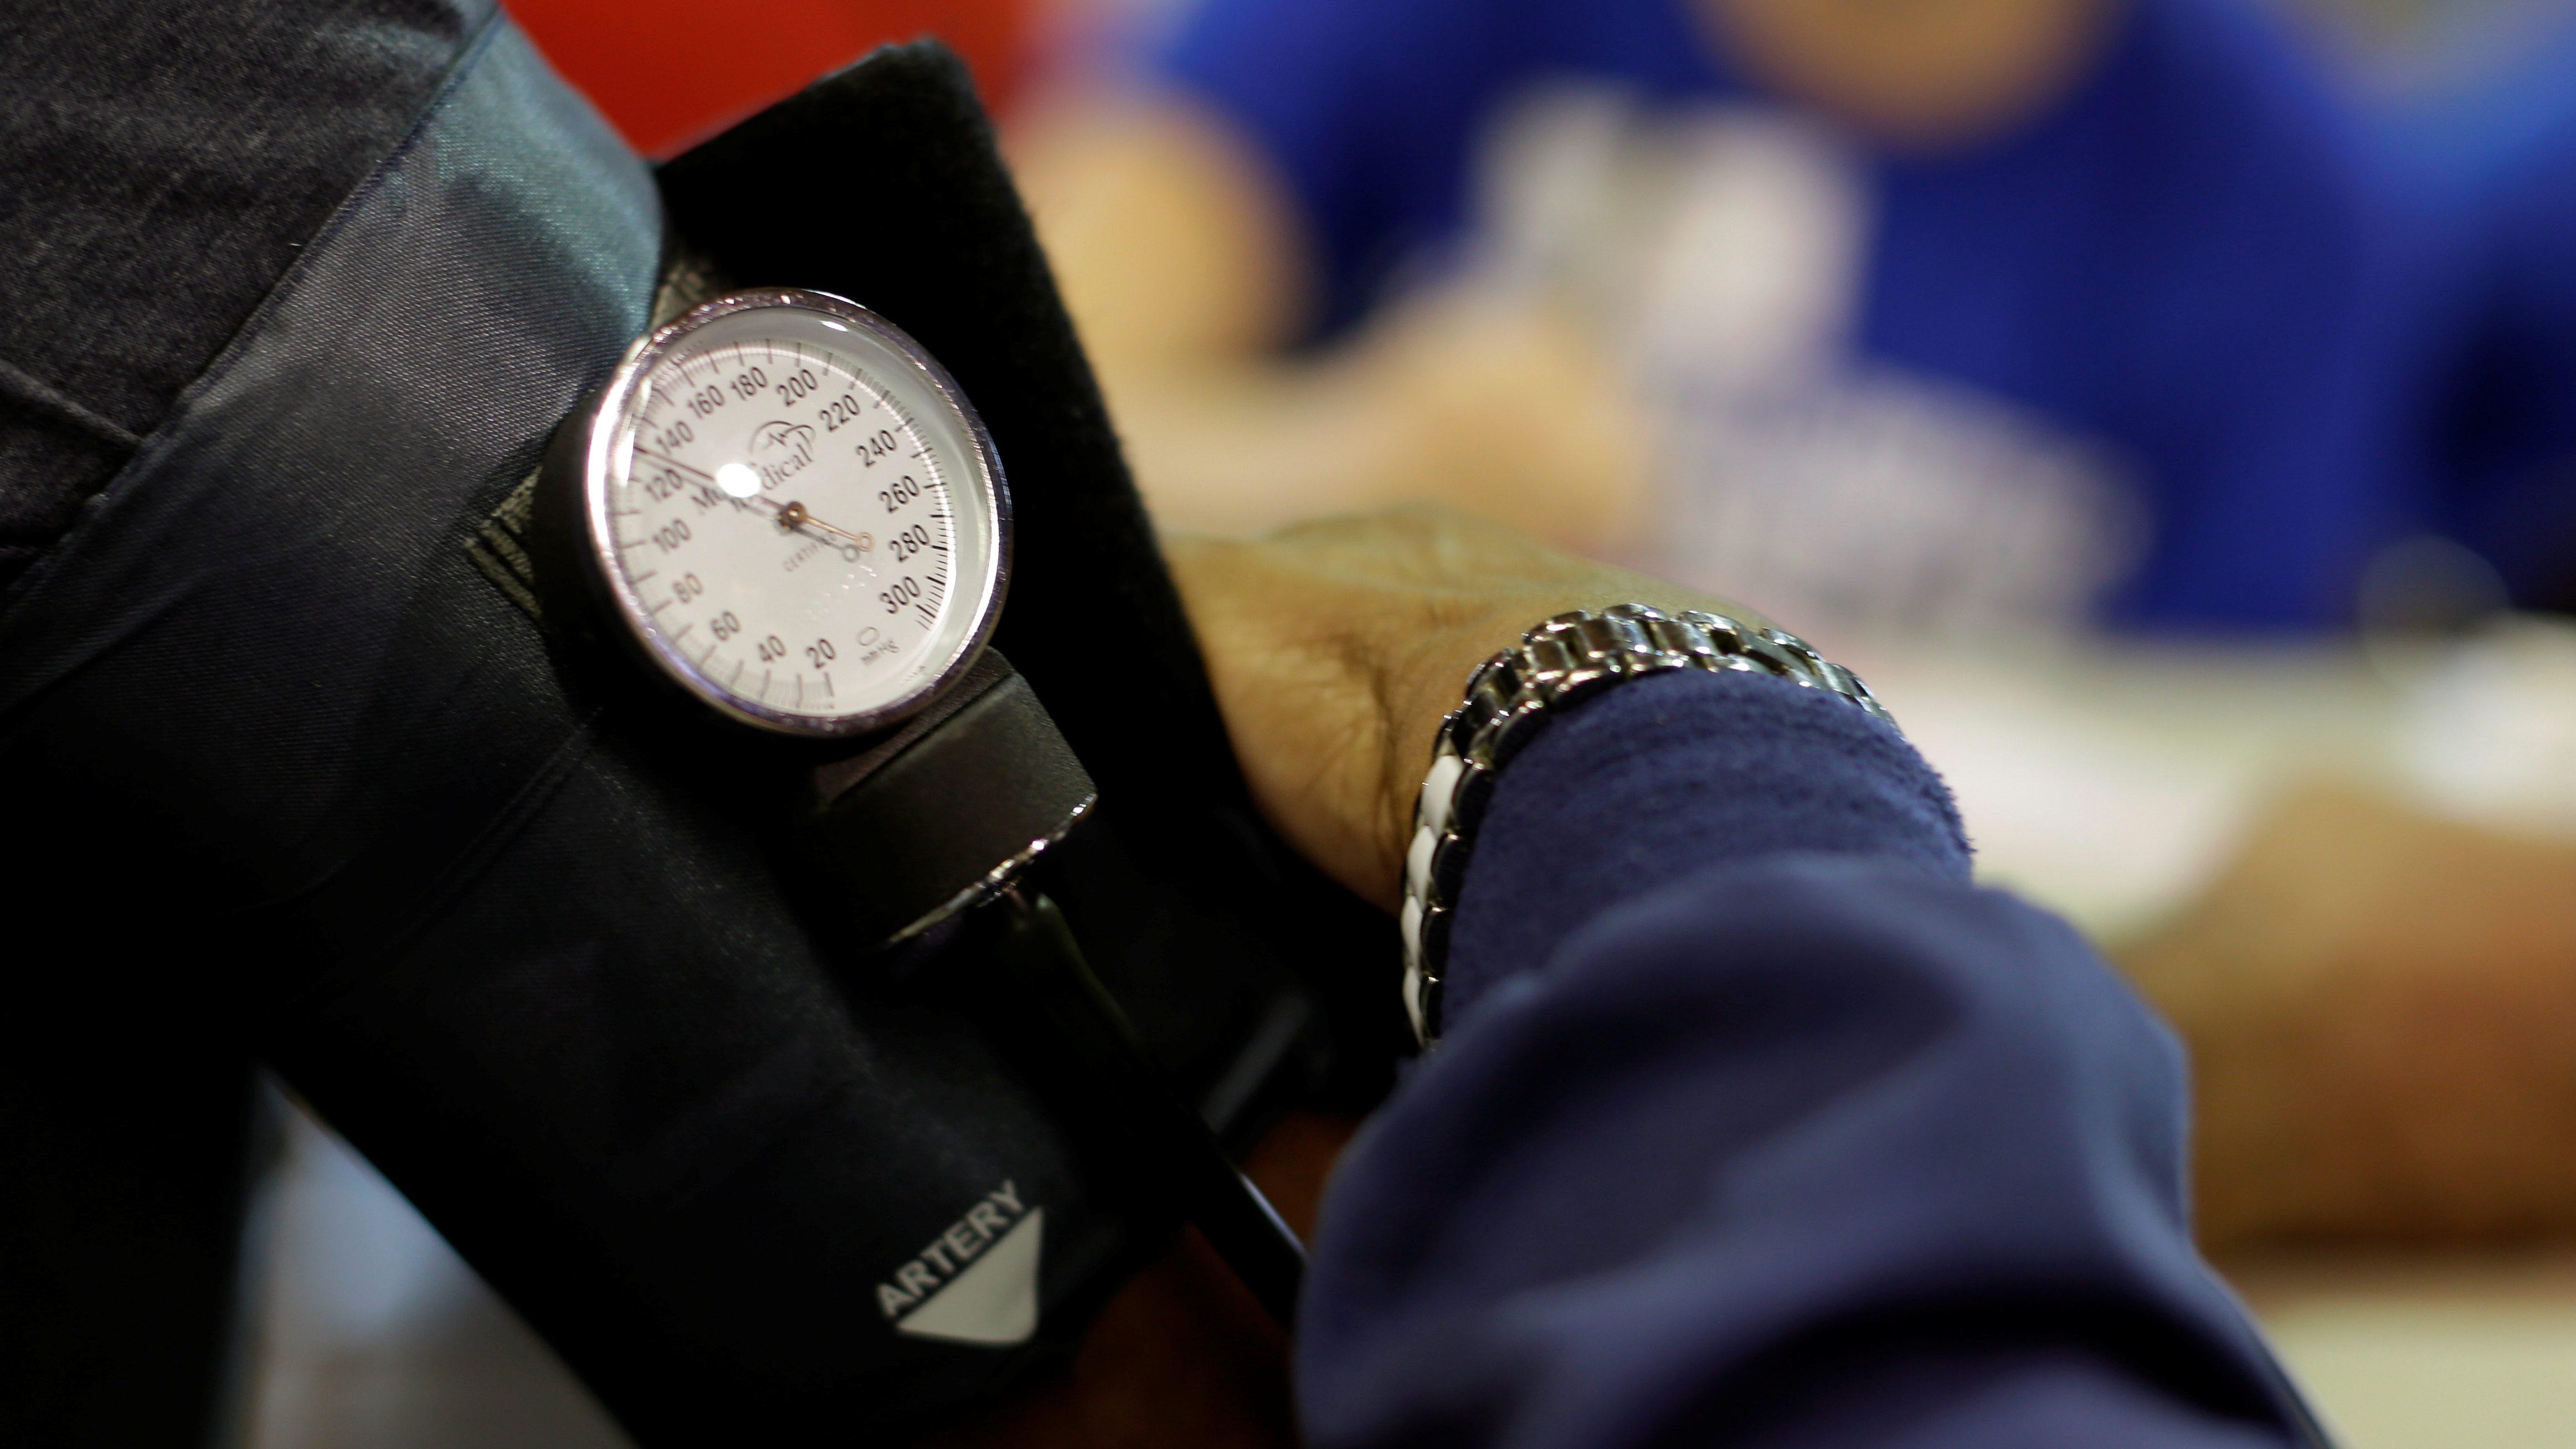 A man's arm in a blood pressure cuff